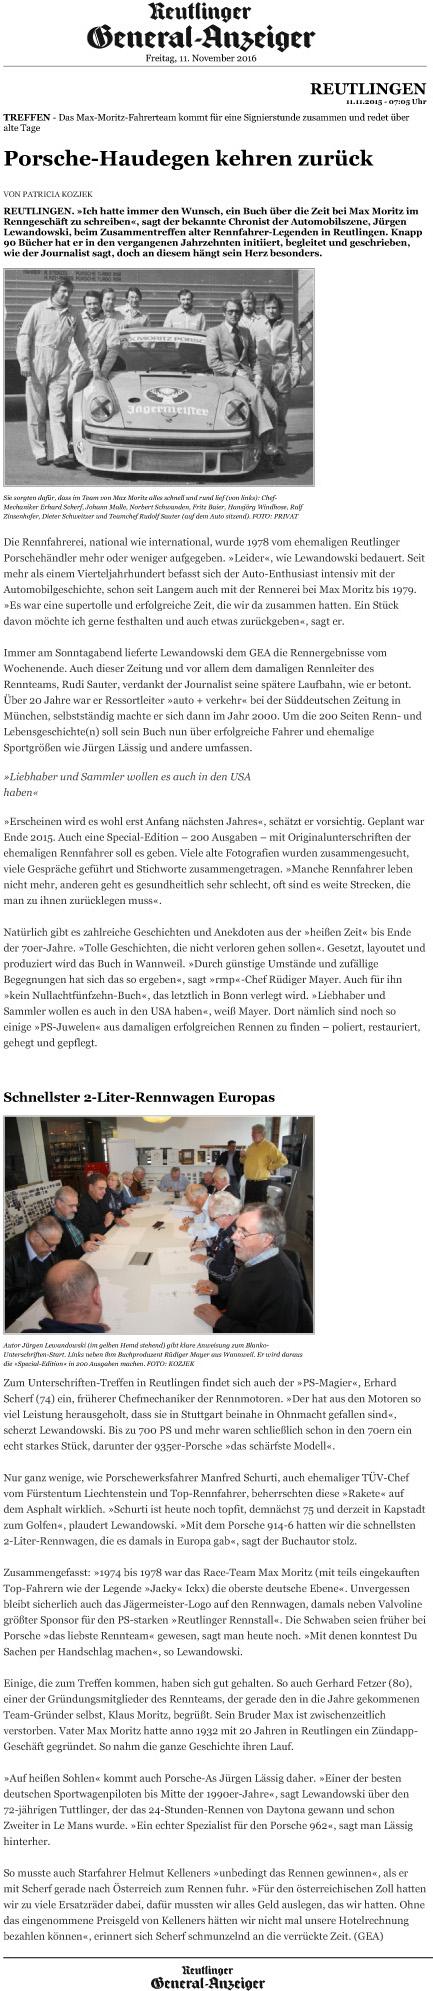 Porsche-Haudegen kehren zurück - Reutlinger General-Anzeiger -